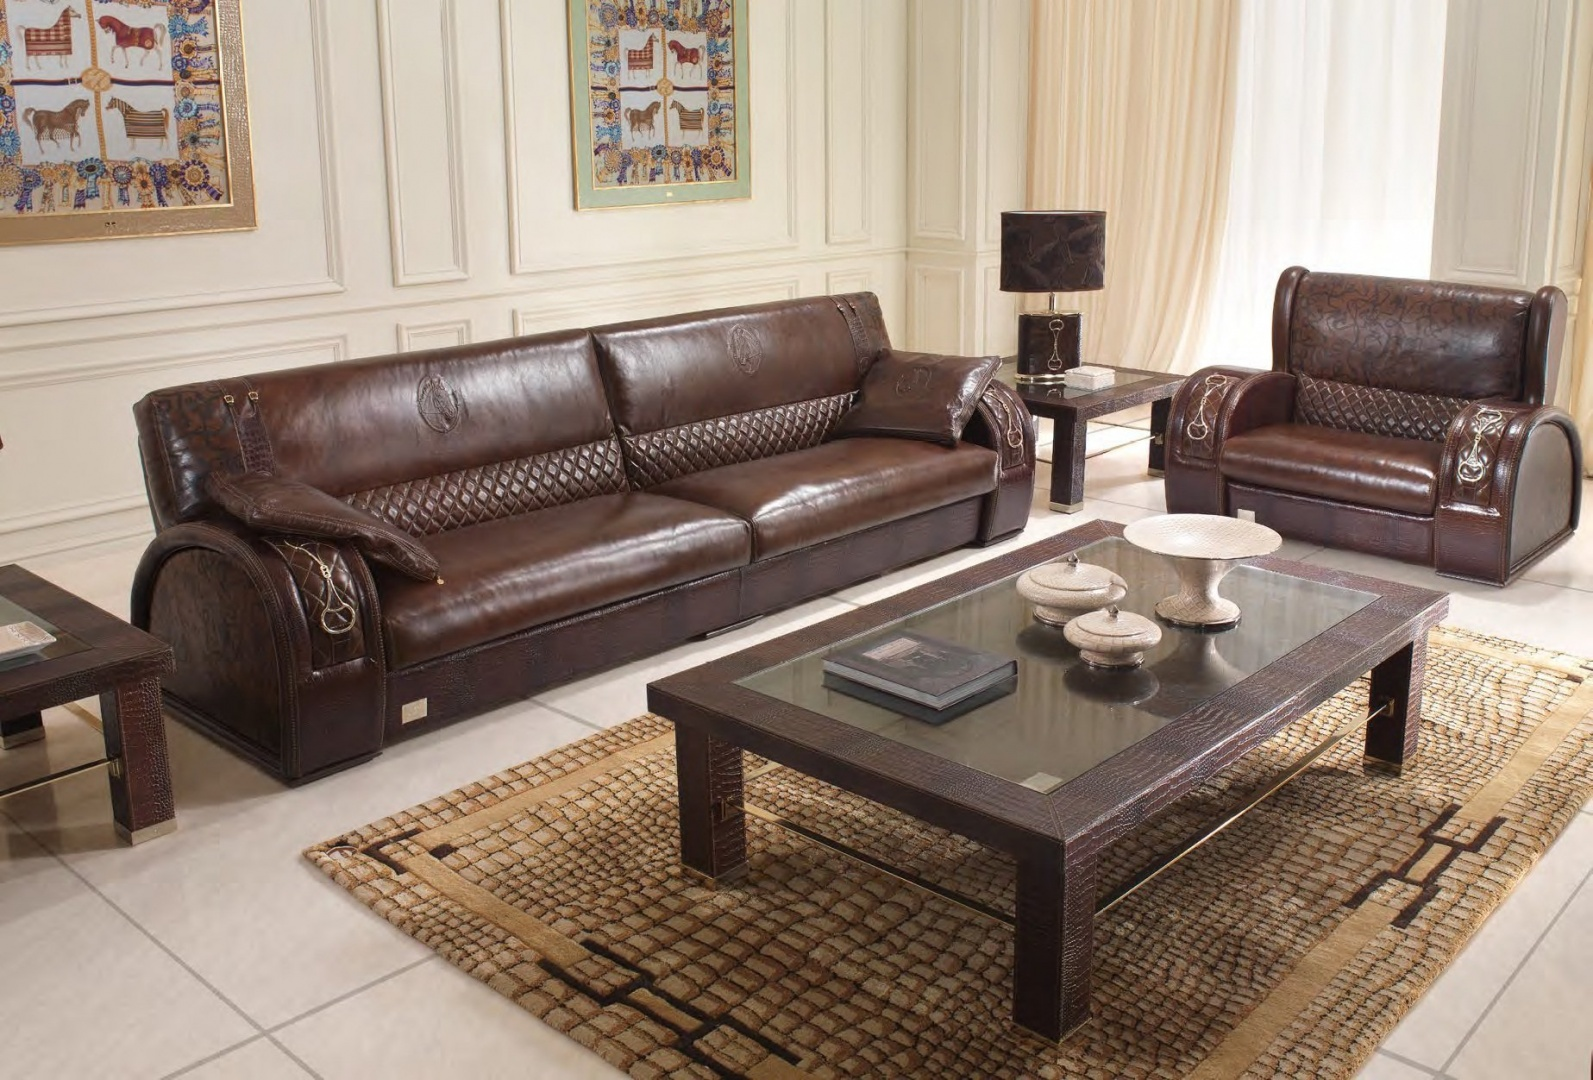 ASCOT ONE комплект мягкой мебели 89161